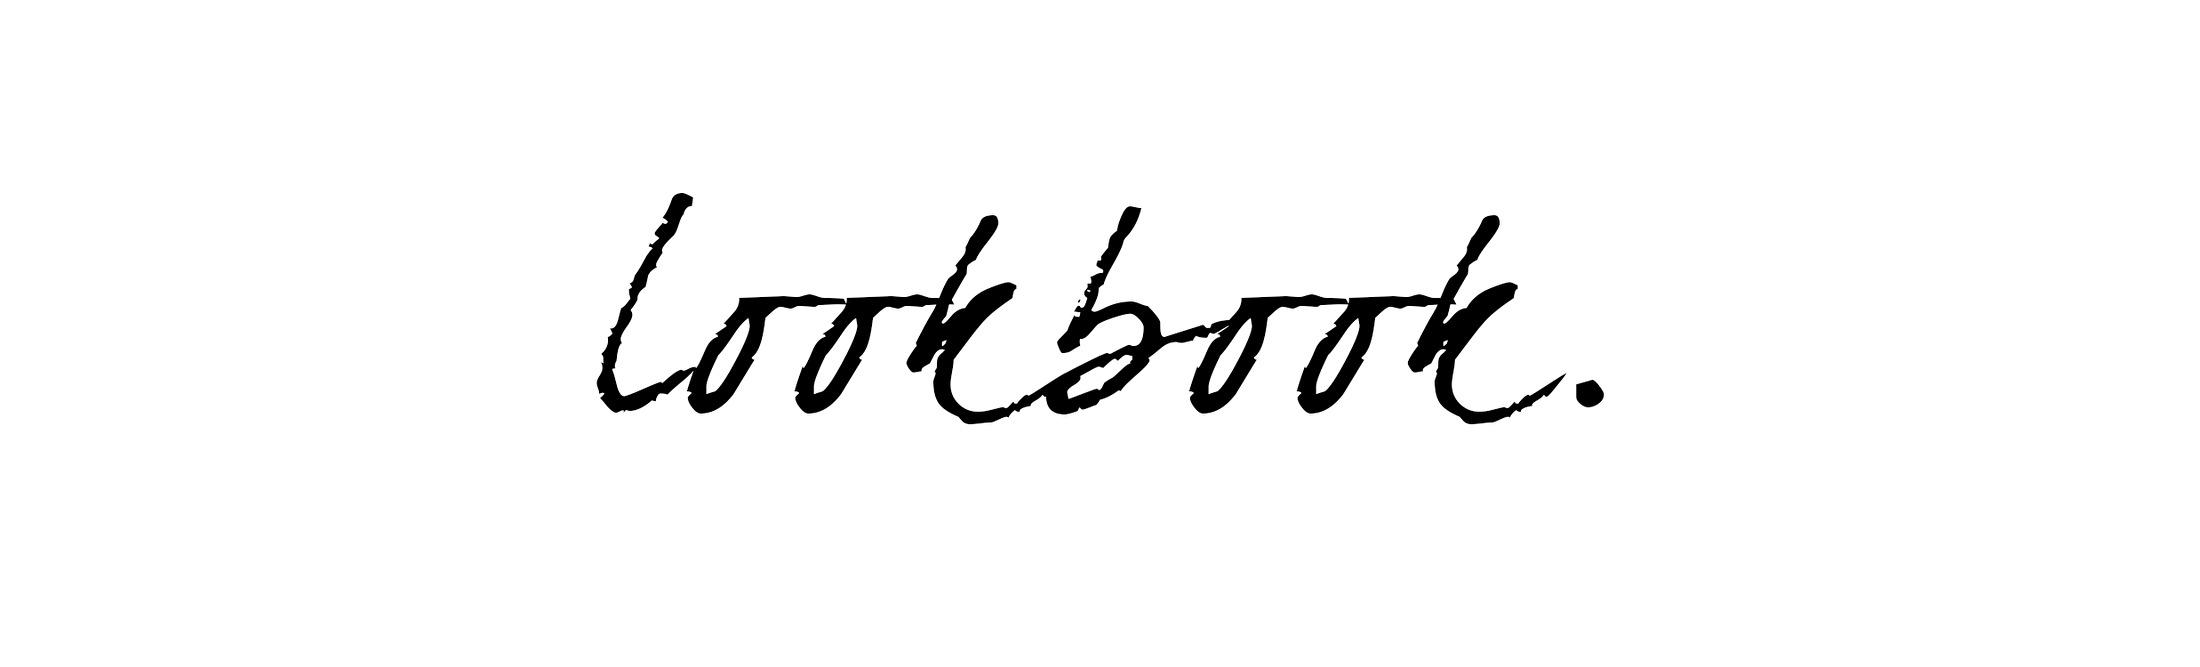 lookbookschrift